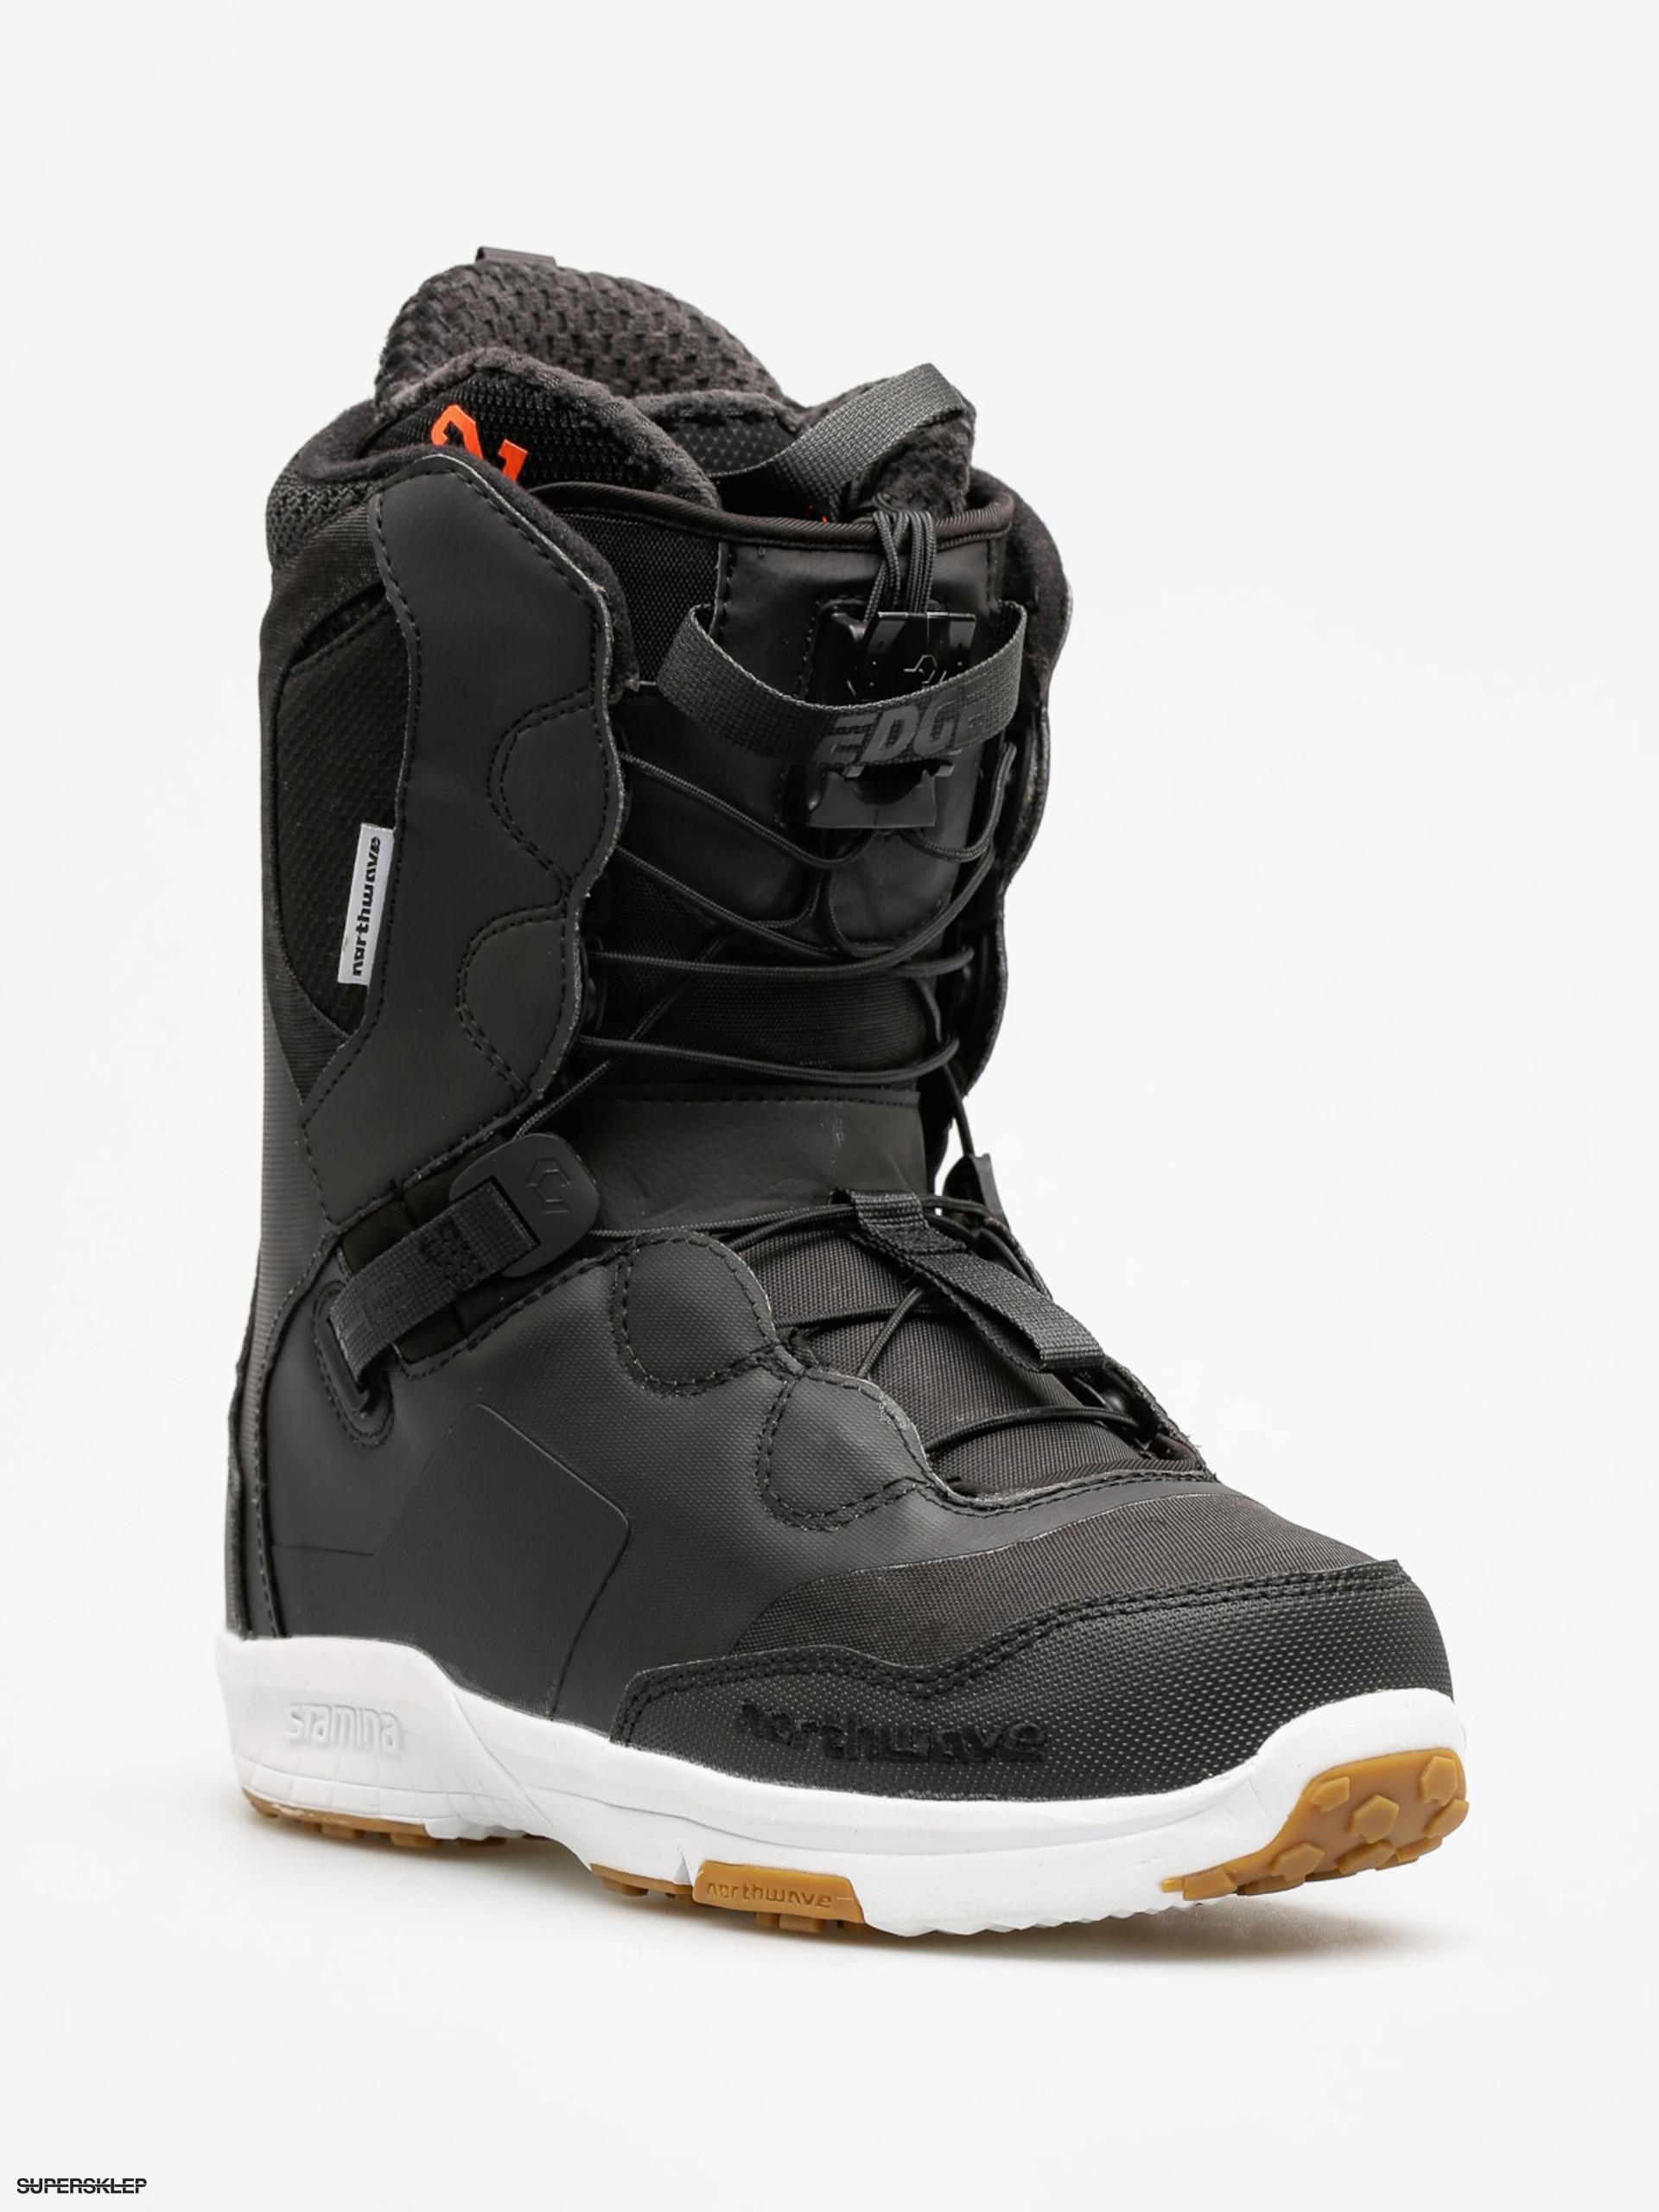 Schuhe adidas Edge Flex M G28450 GretwoTrgrmeGrethr